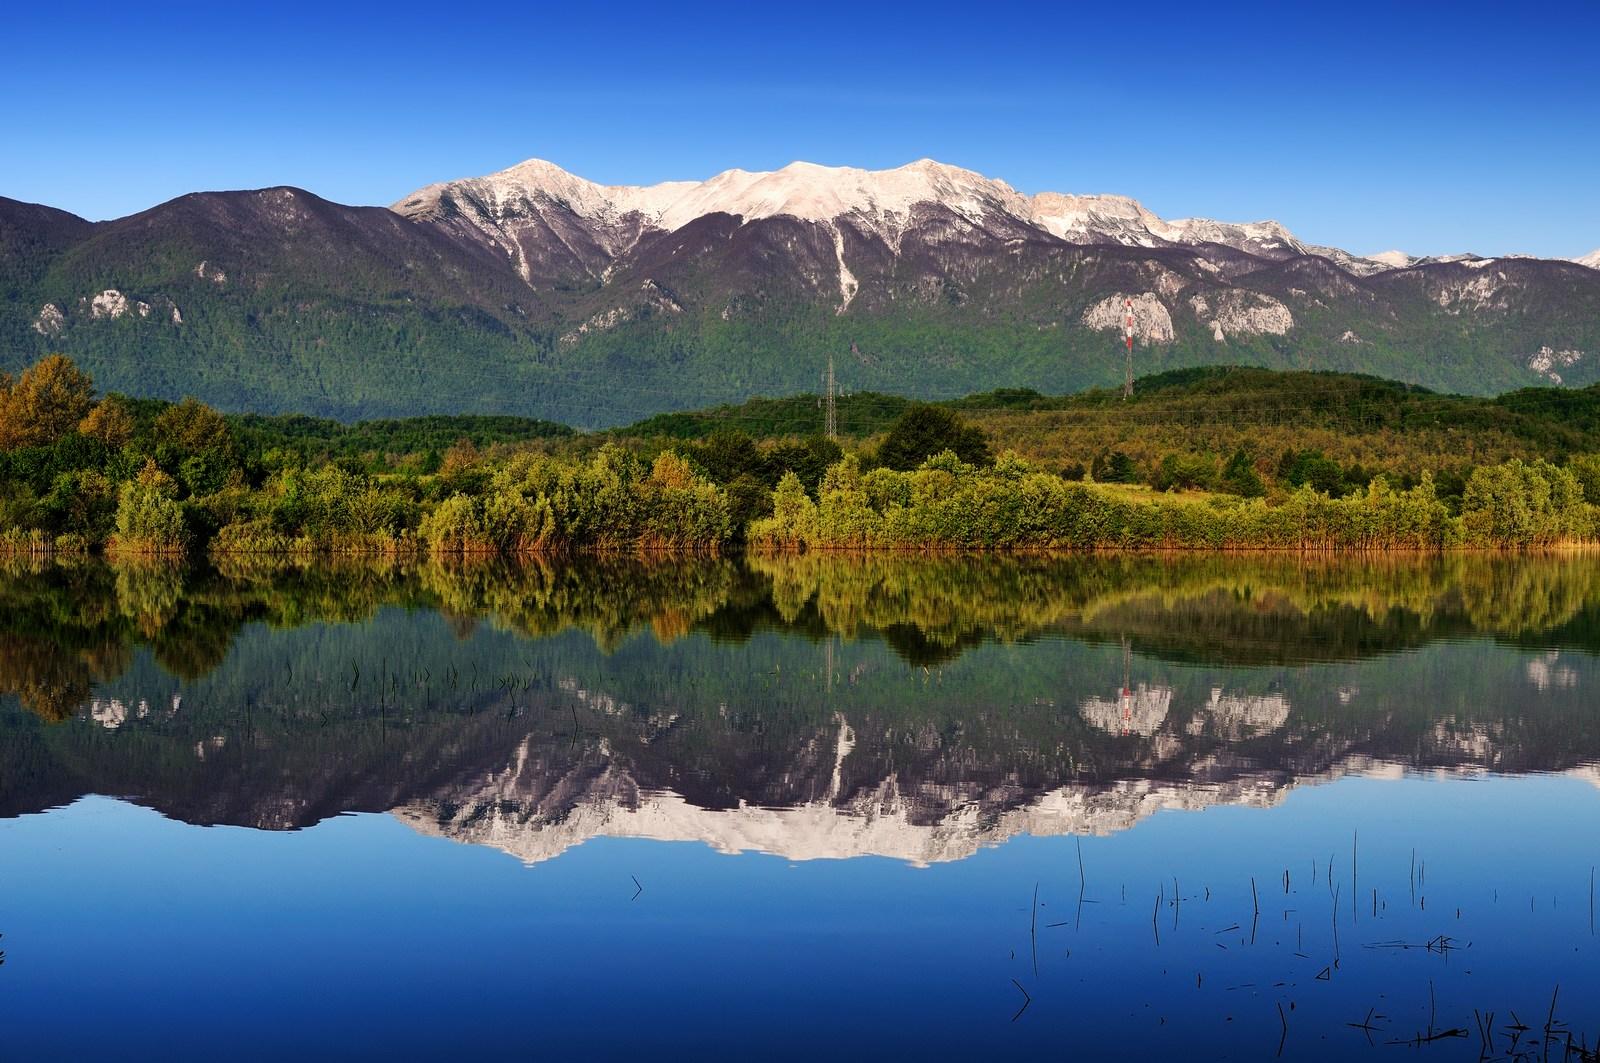 Velebit je gorski greben na Hrvaškem. Leži v Jadranskem primorju, dolg je okrog 145 kilometrov in širok od 10 do 30 kilometrov, pokriva površino velikosti okoli 2.200 kvadratnih kilometrov. Foto: HTZ in Aleksandar Gospić.